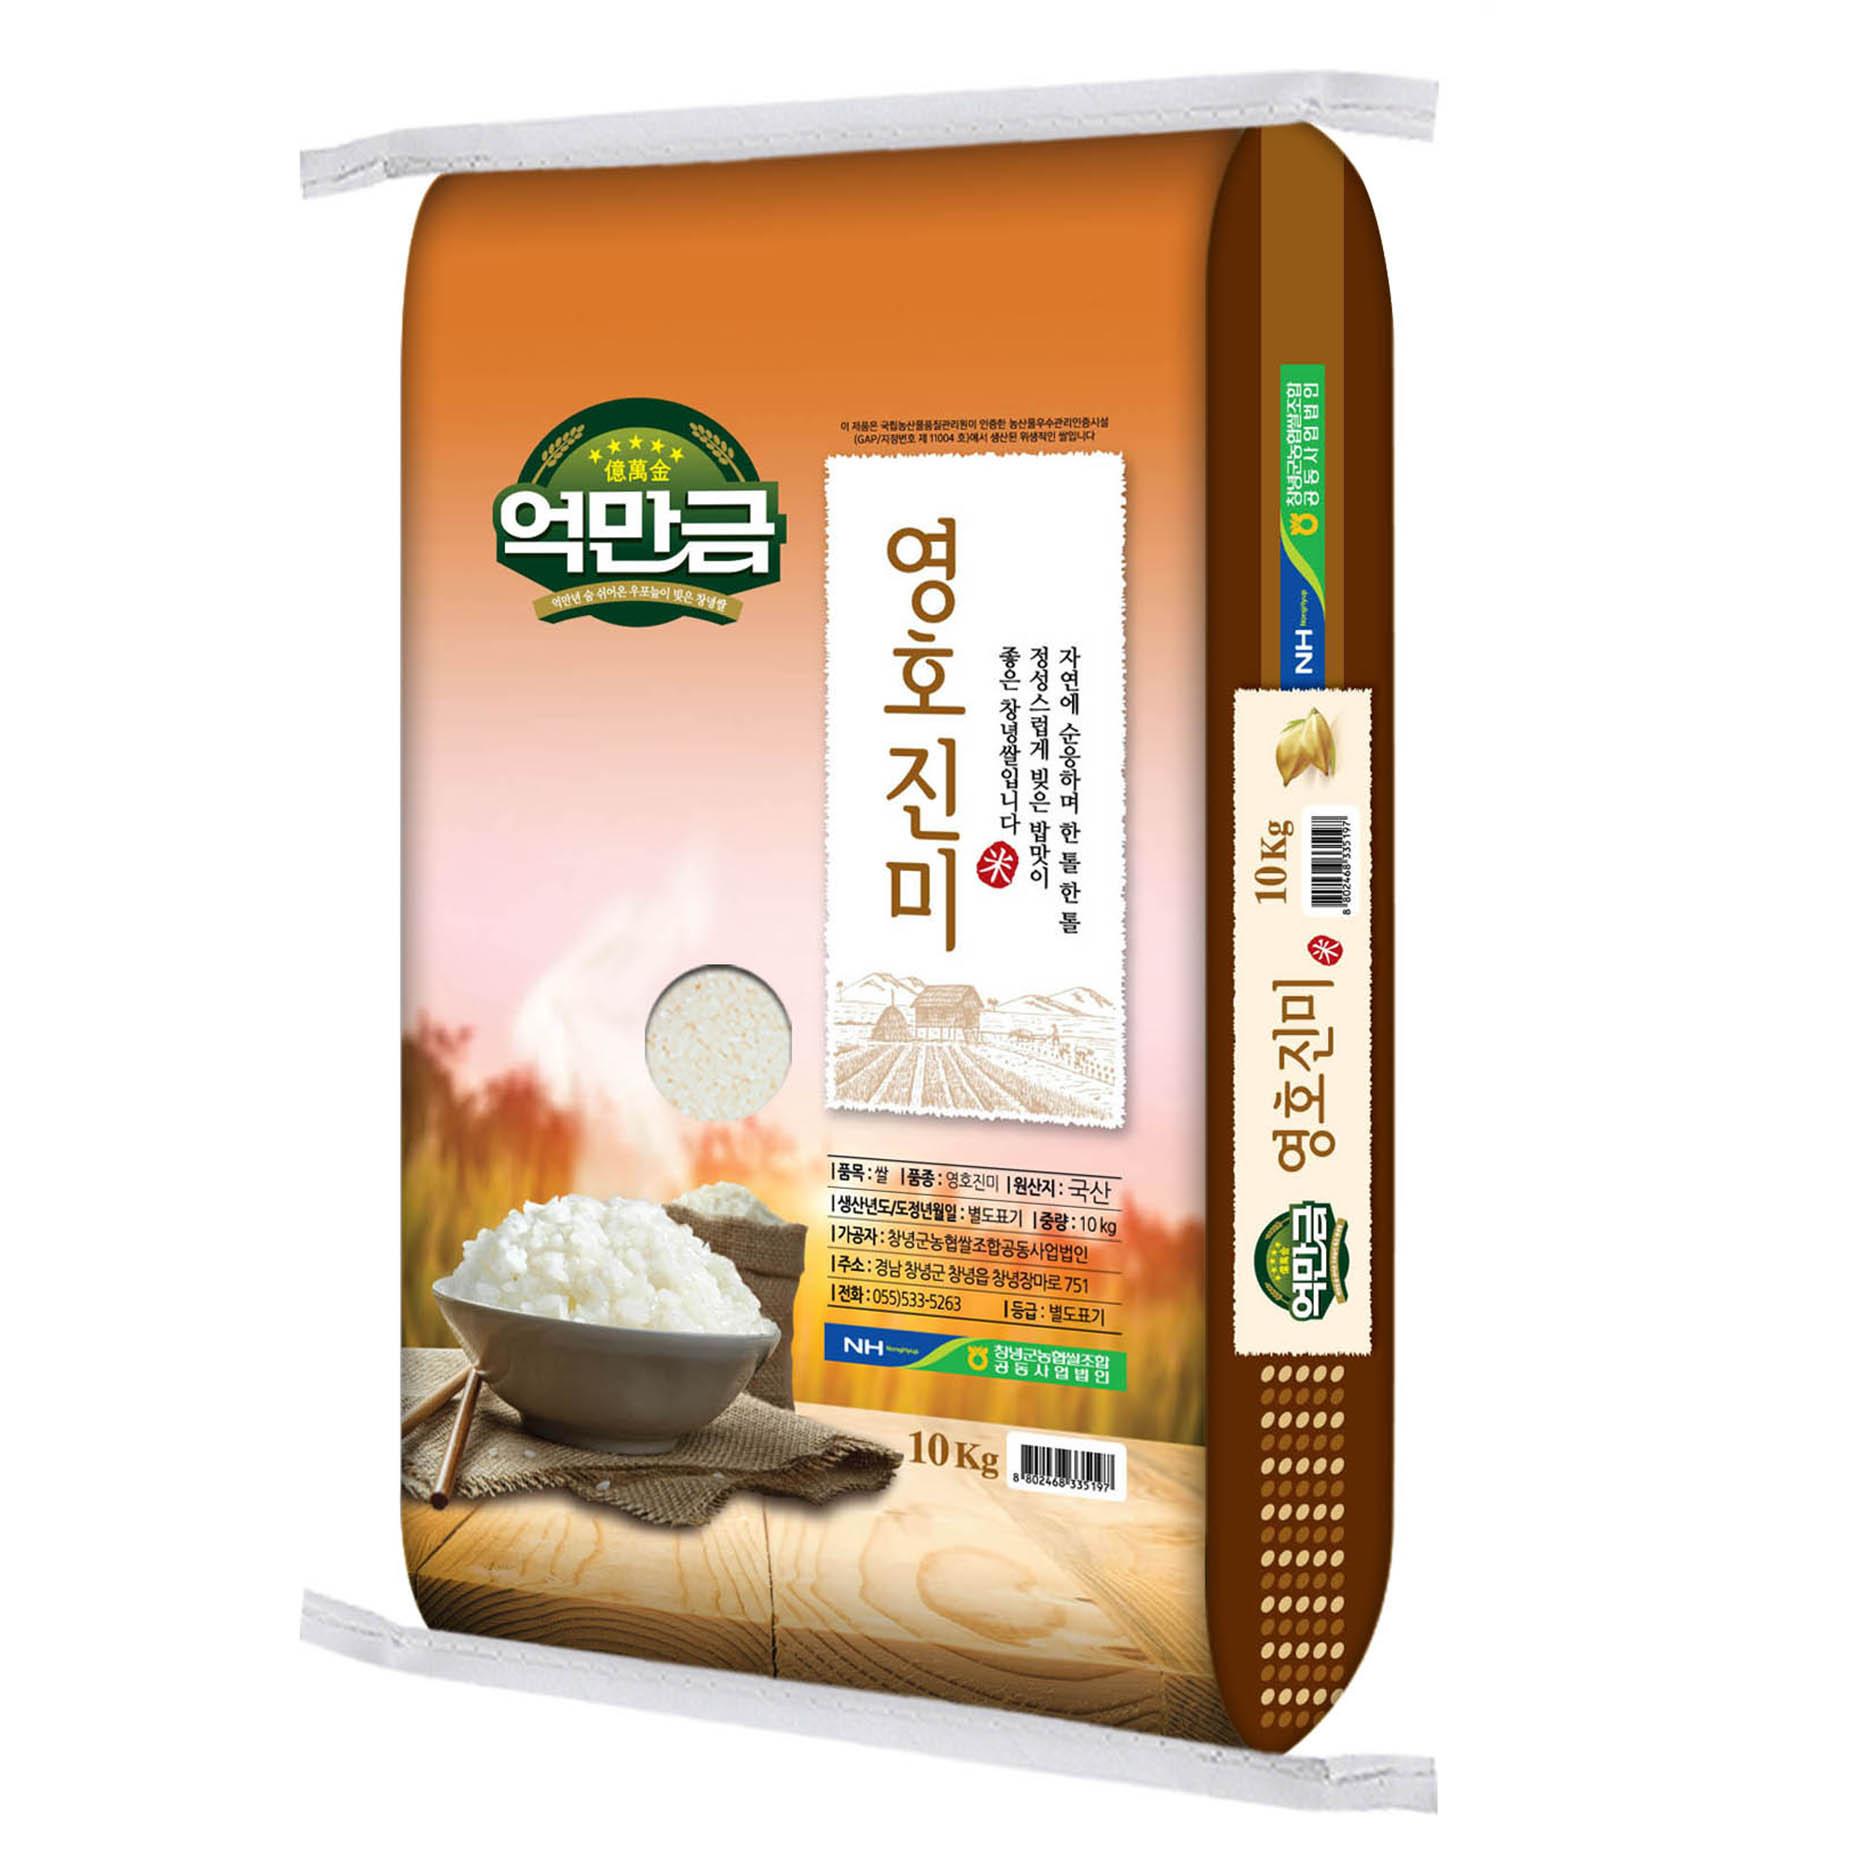 억만금 영호진미쌀, 10kg, 1개